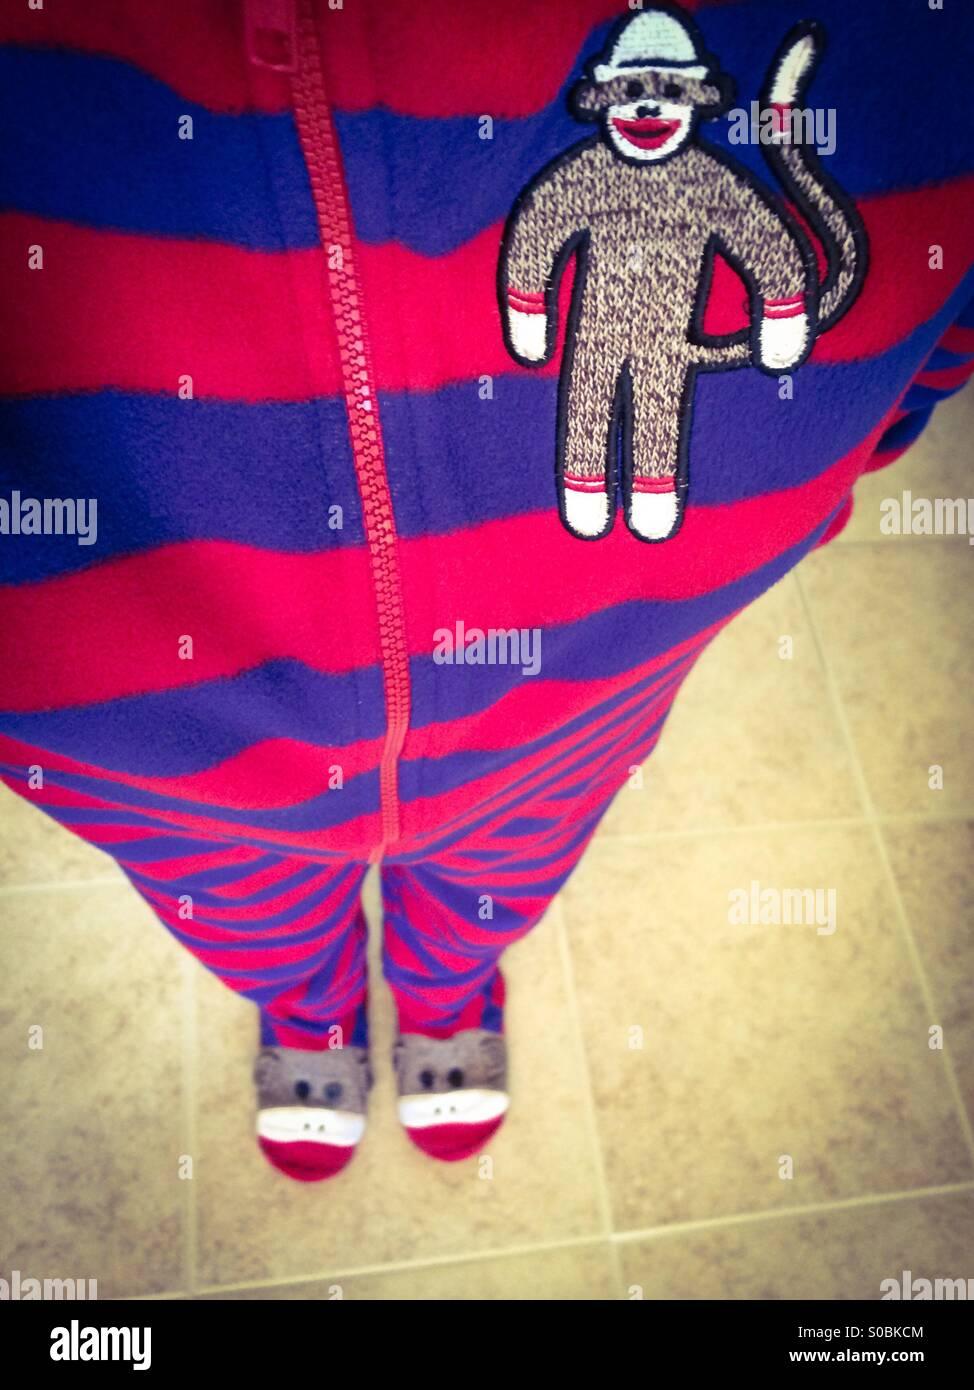 Monkey suit pajamas selfie - Stock Image